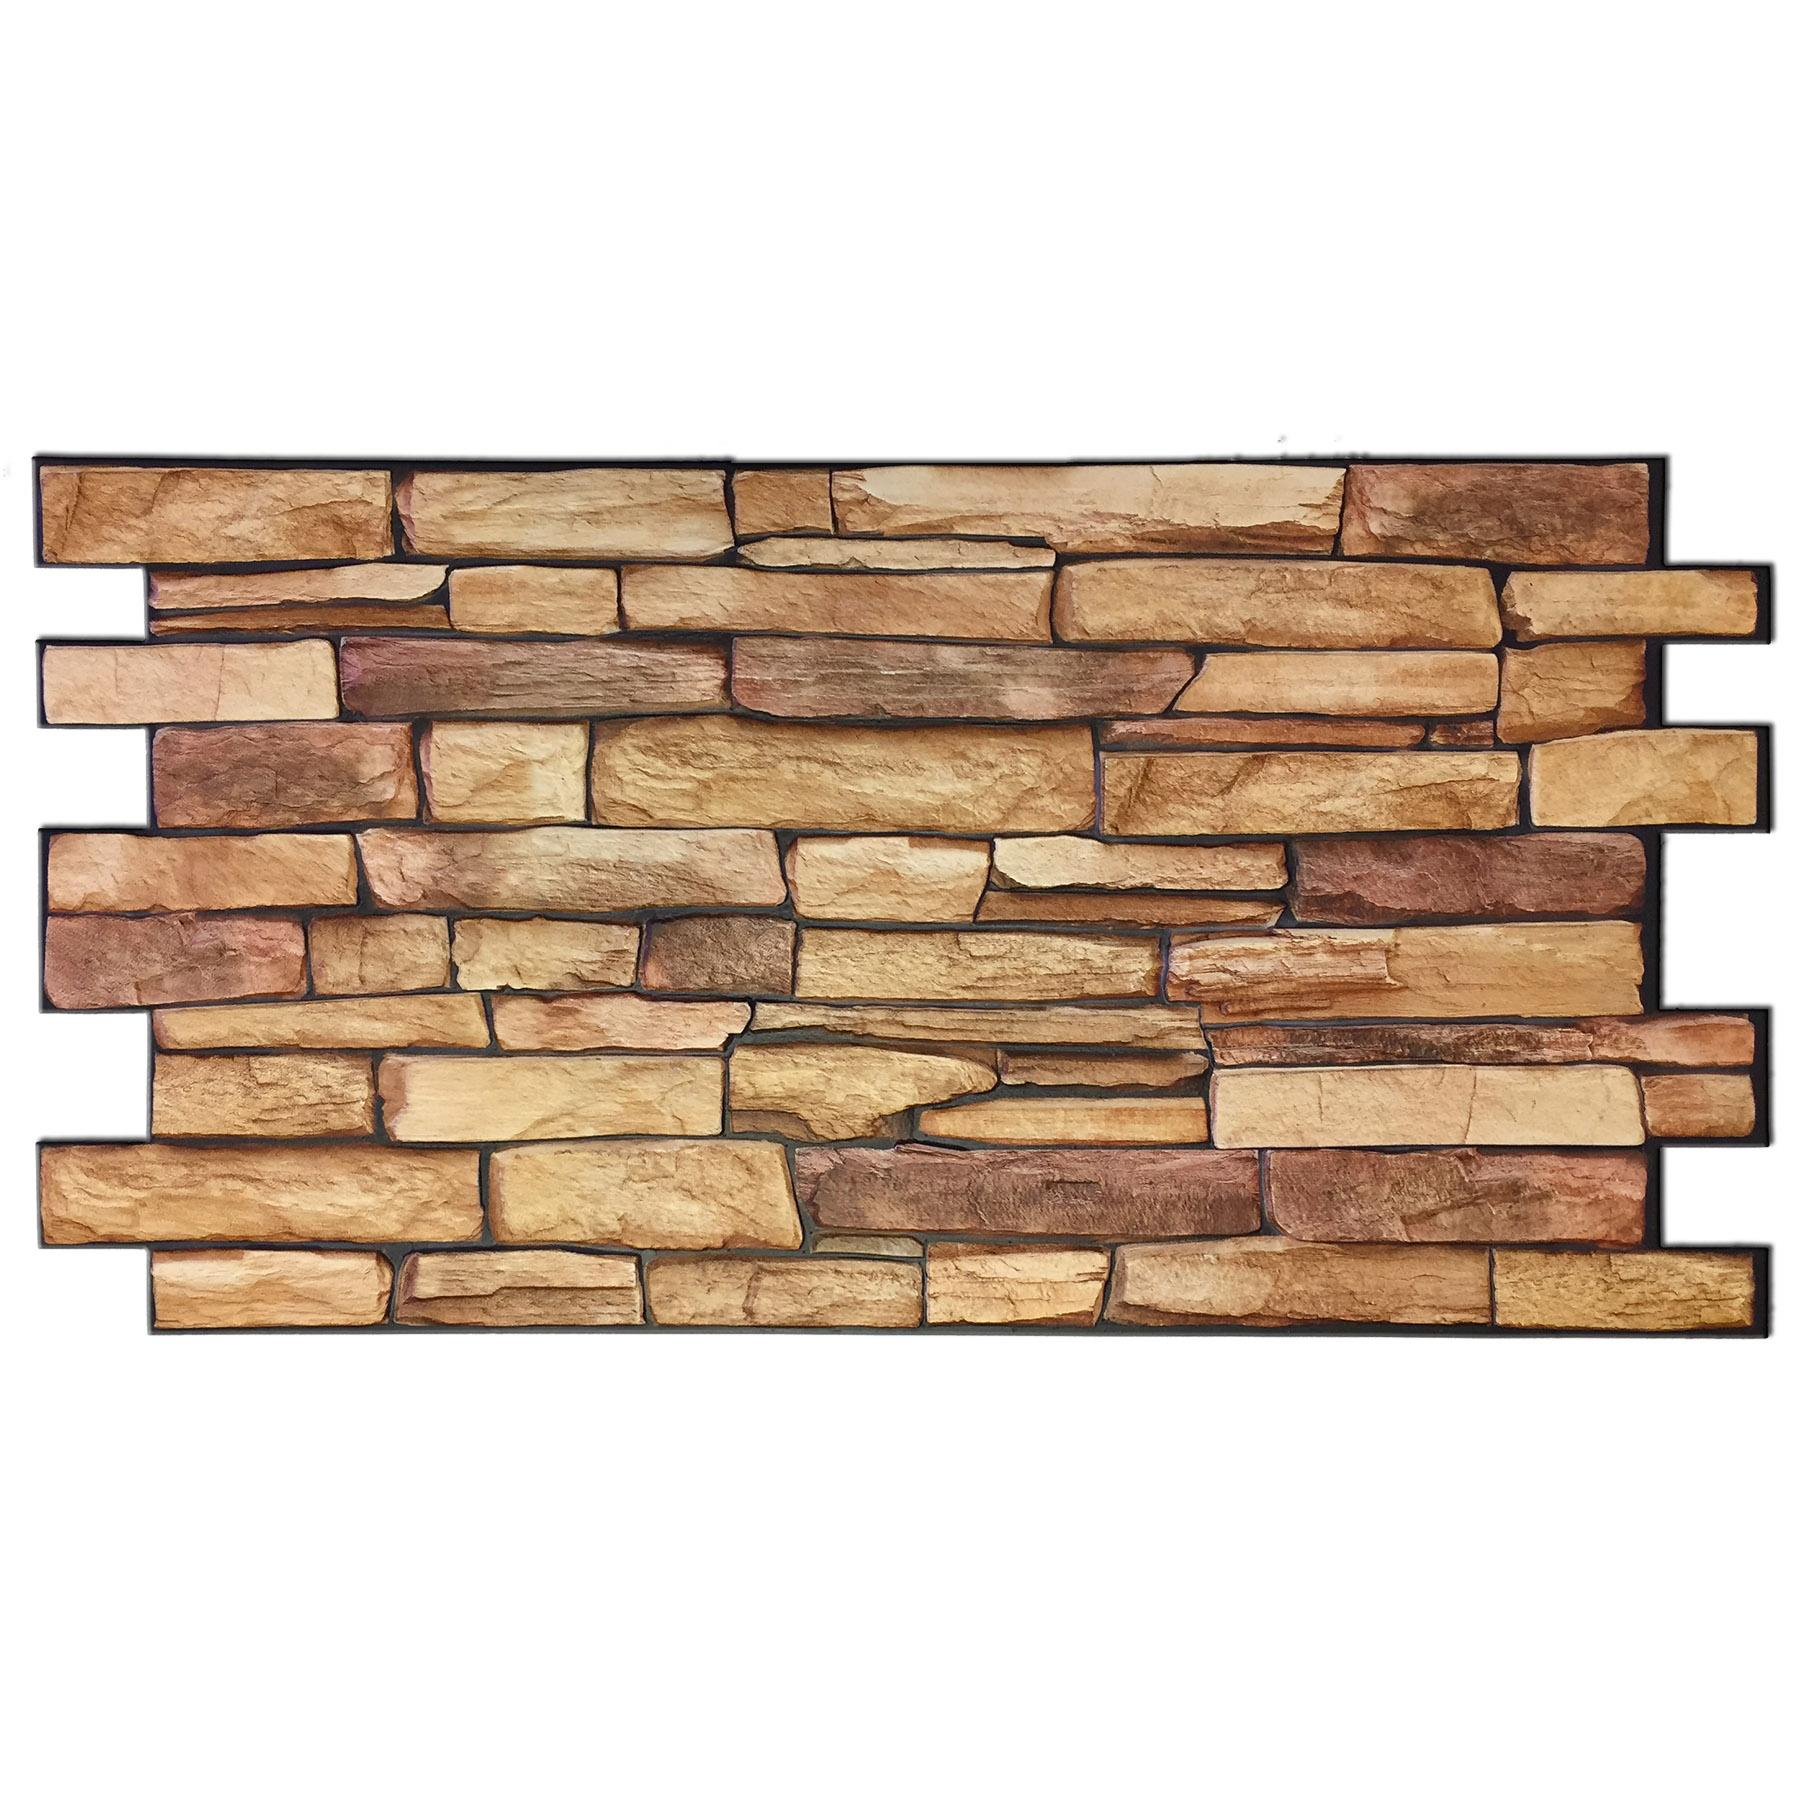 Sandstone Slate Backsplash Panel 39 Quot X 19 1 2 Quot Pvc Tile